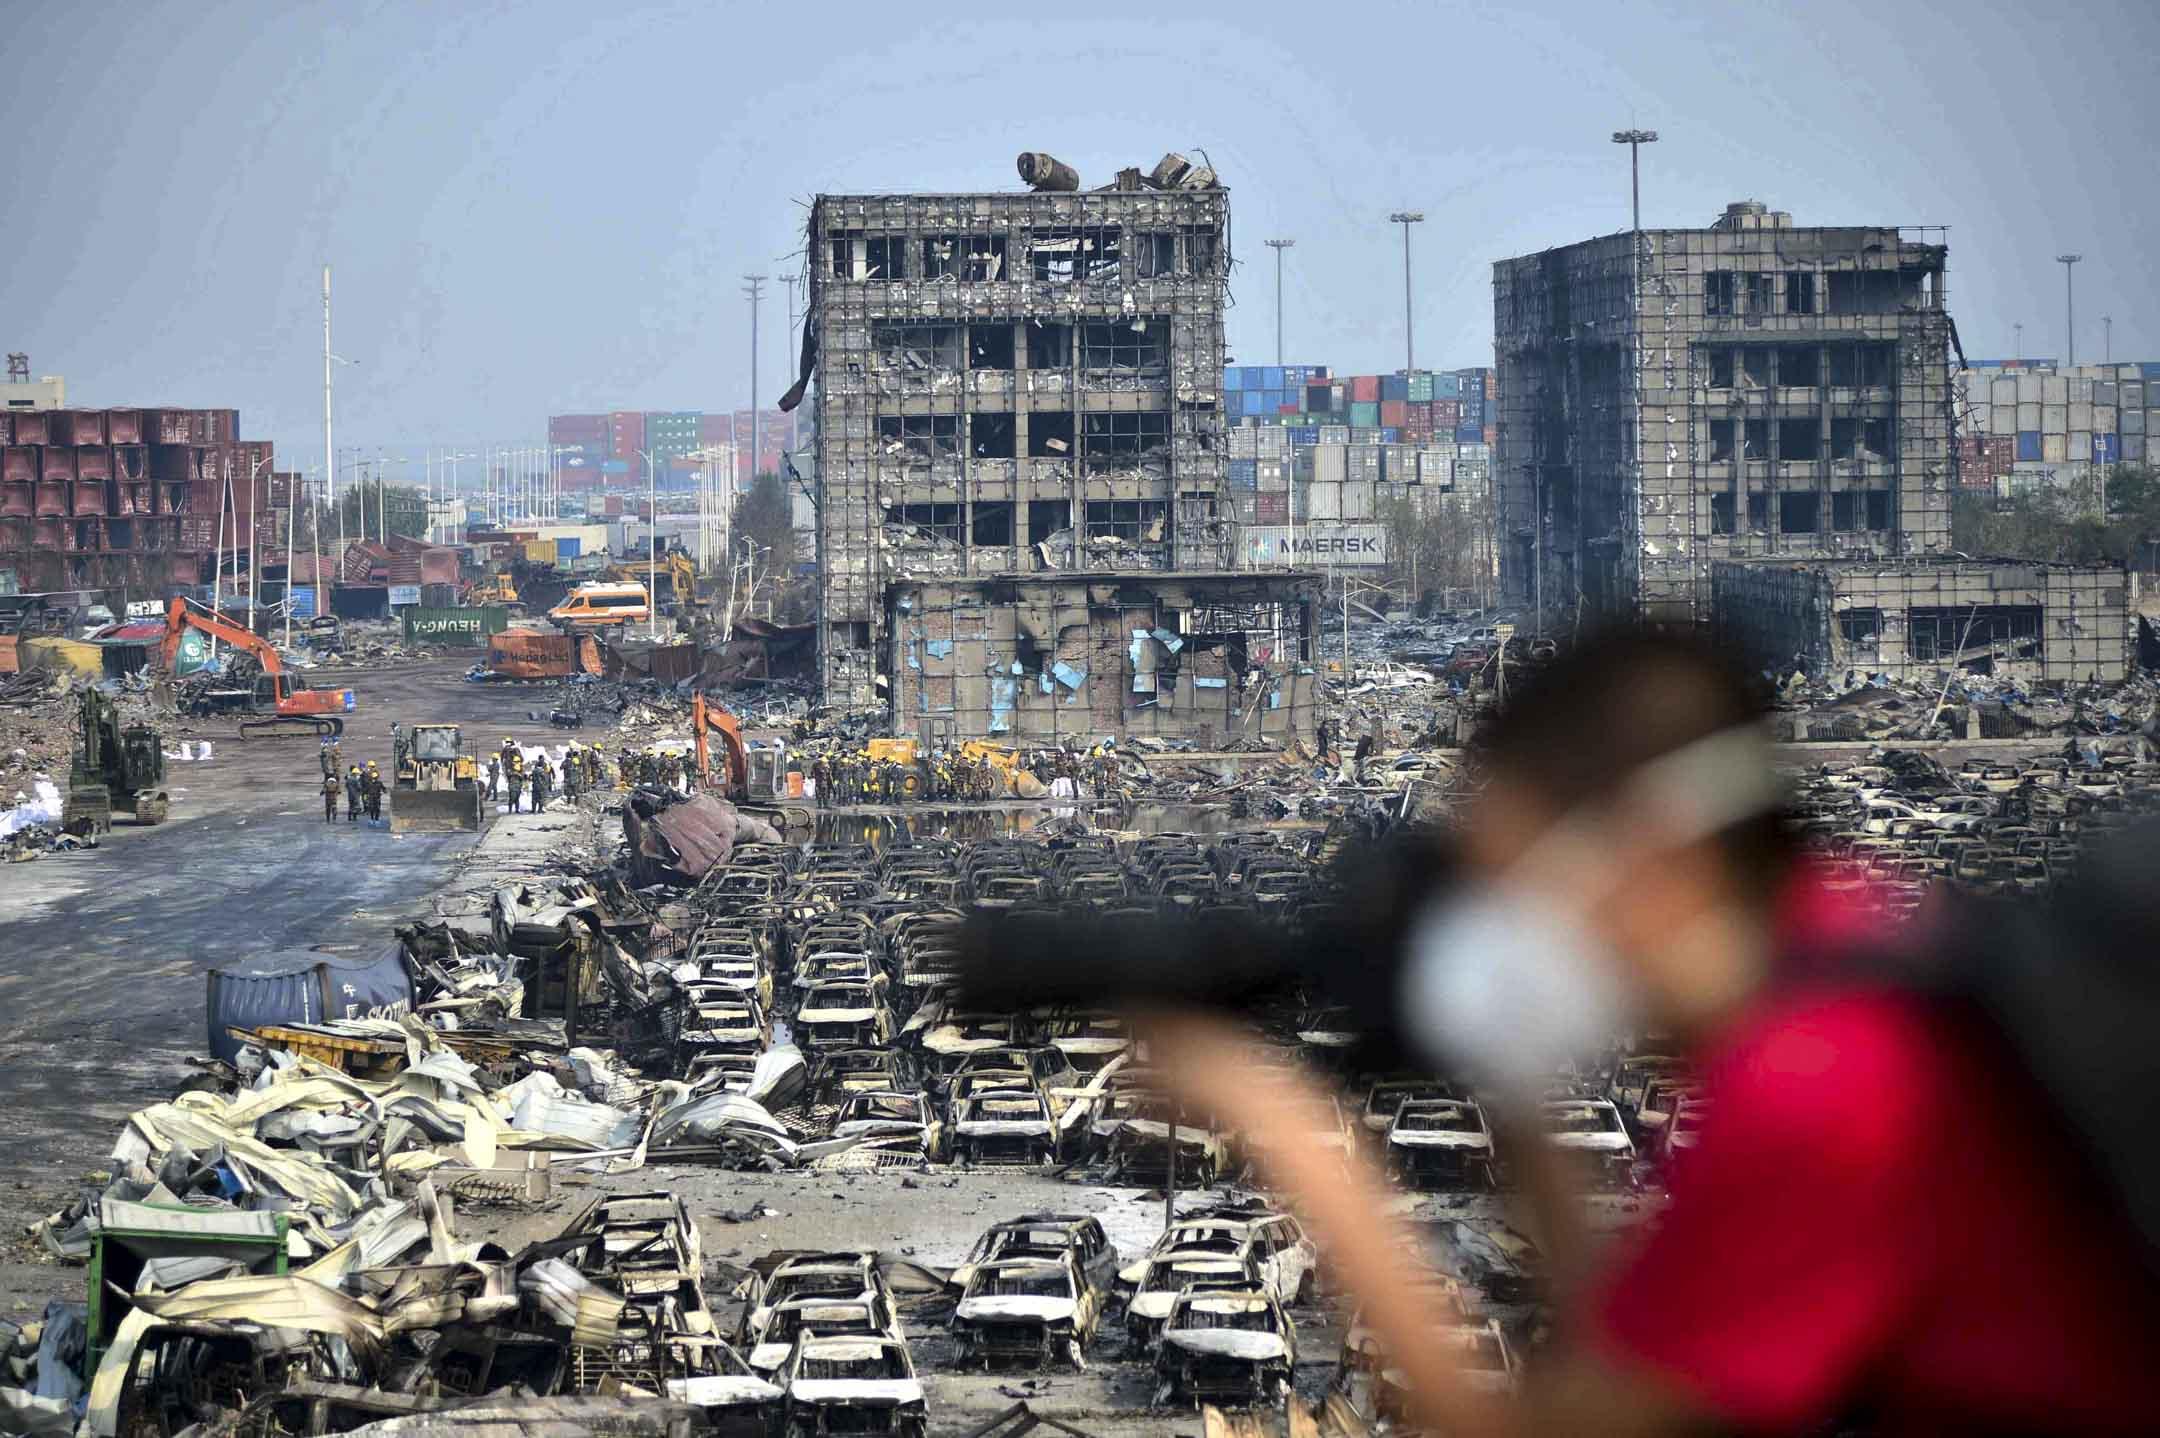 以前去新聞現場,都是過2、3天會收到禁令;後來在去現場的路上就會收到禁令,但還是會去把採訪做了,萬一之後還能發出來;但是現在根本不會去現場了,因為絕不可能有機會發出來。圖為2015年8月,天津大爆炸現場。